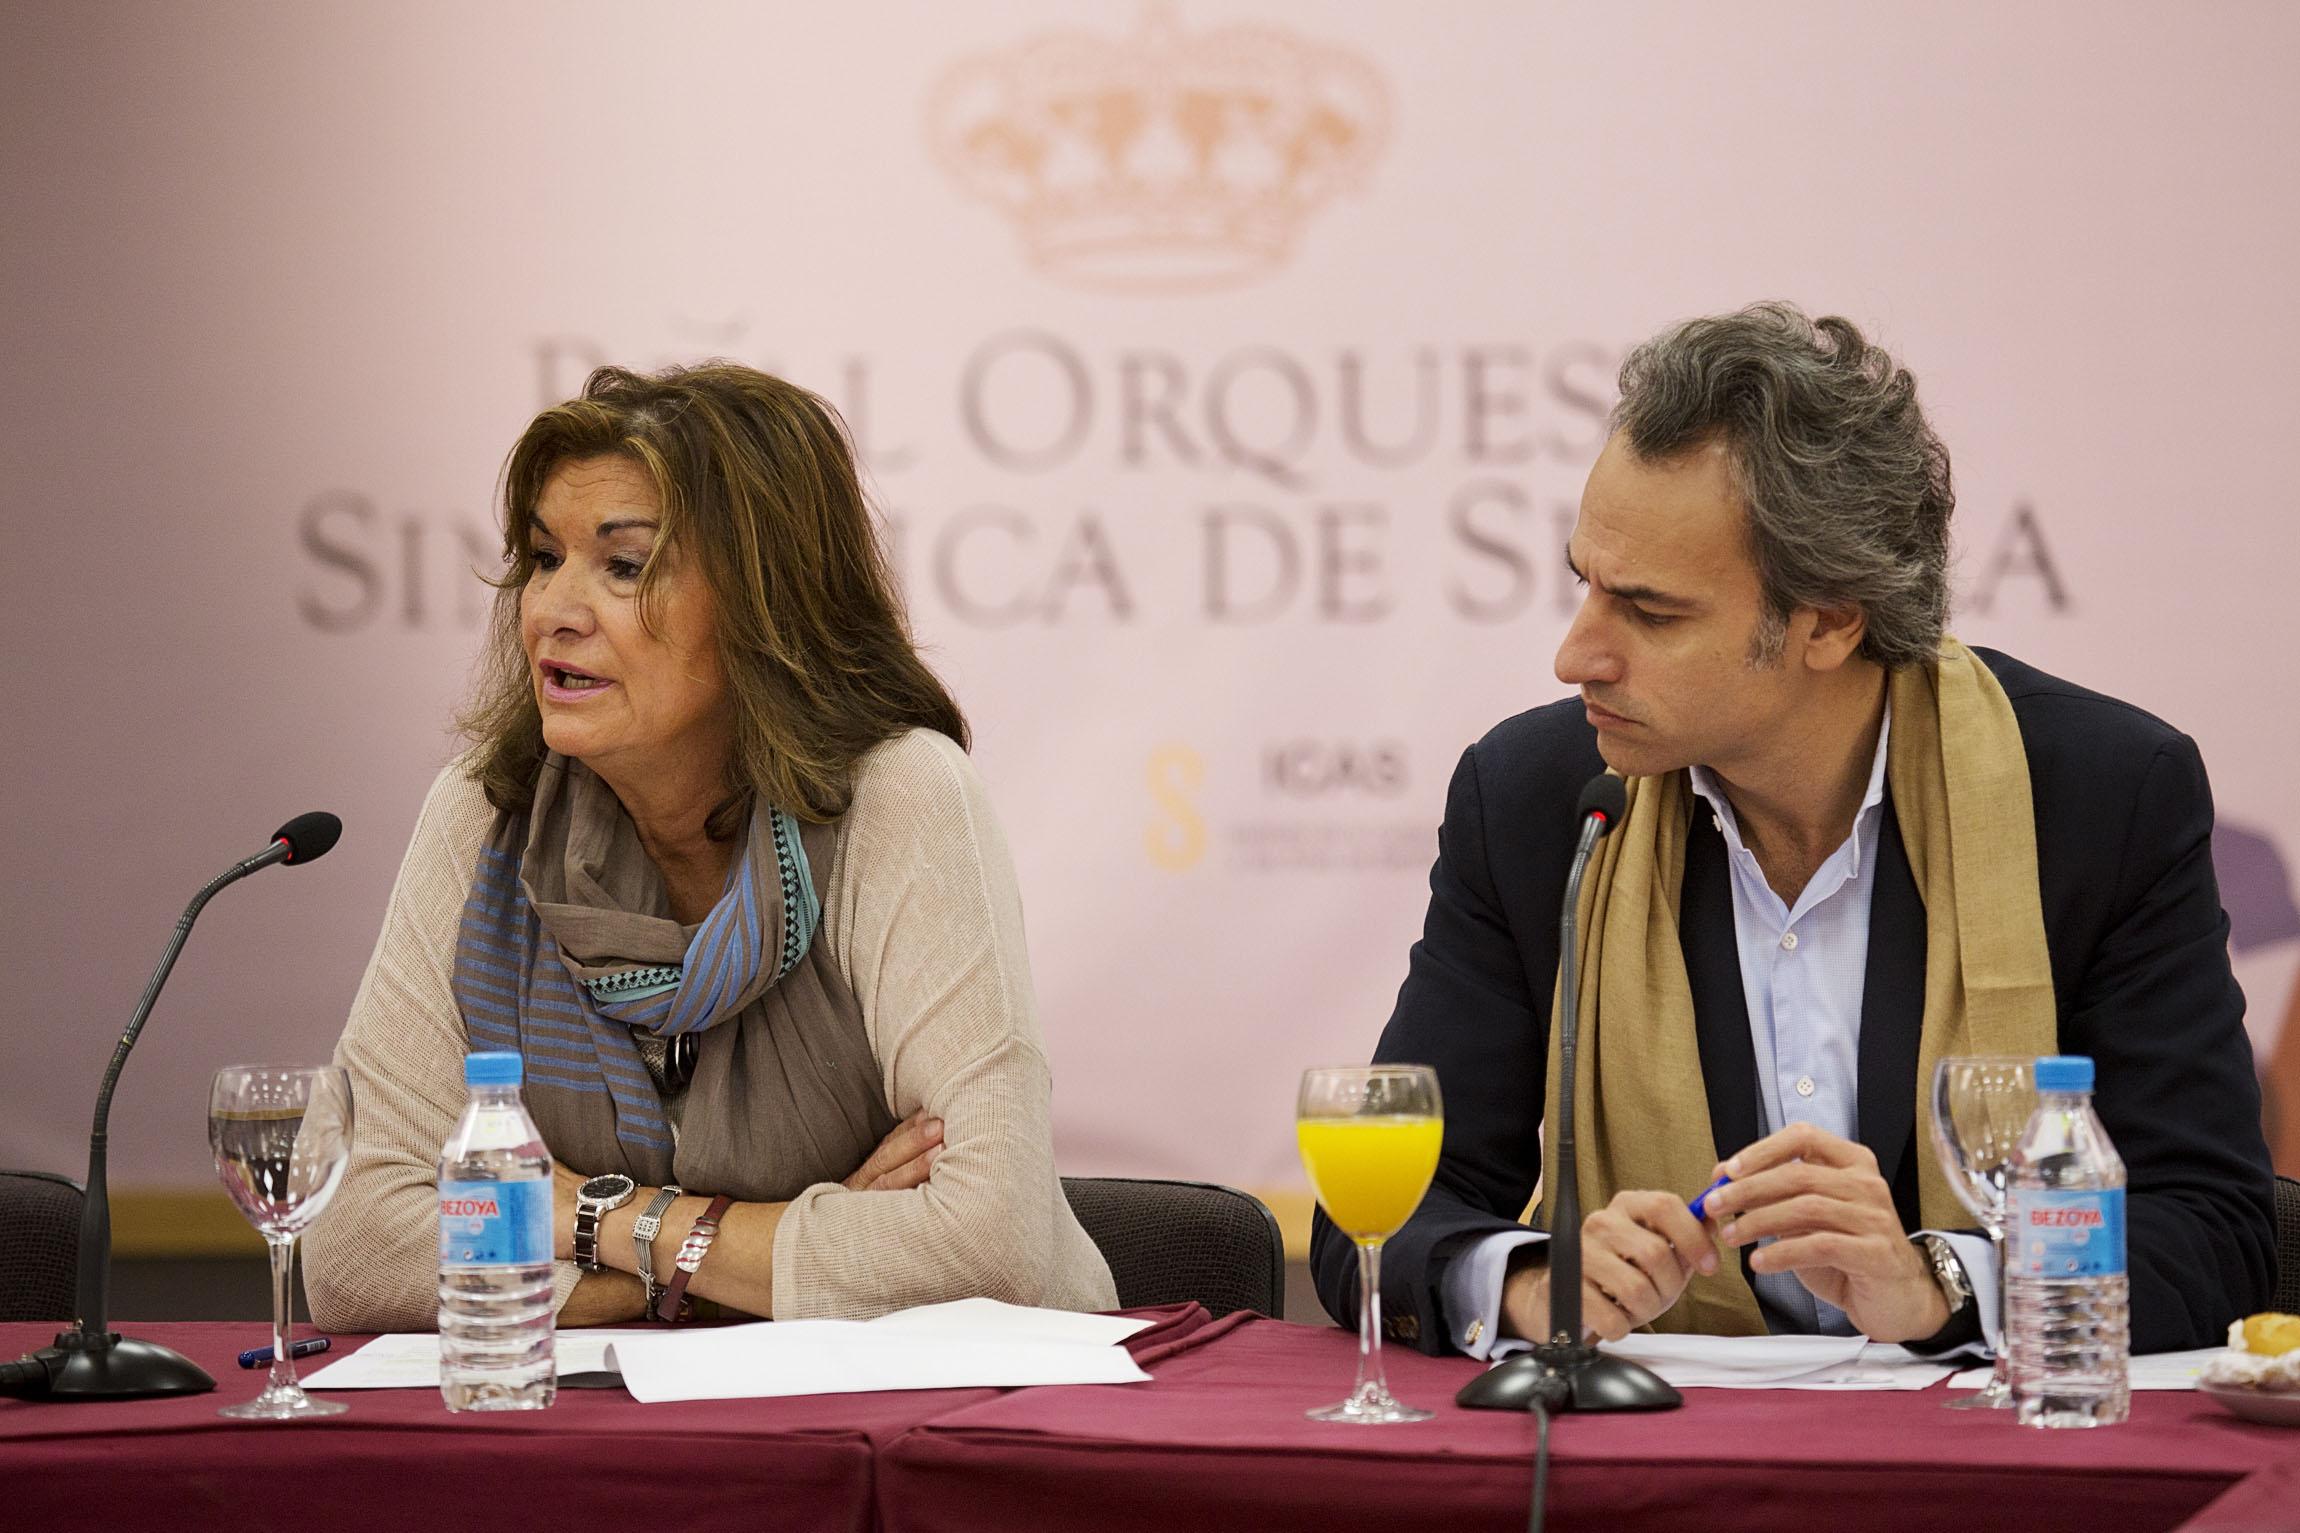 La gerente del Maestranza, Remedios Navarro, junto a Pedro Halffter. / Pepo Herrera